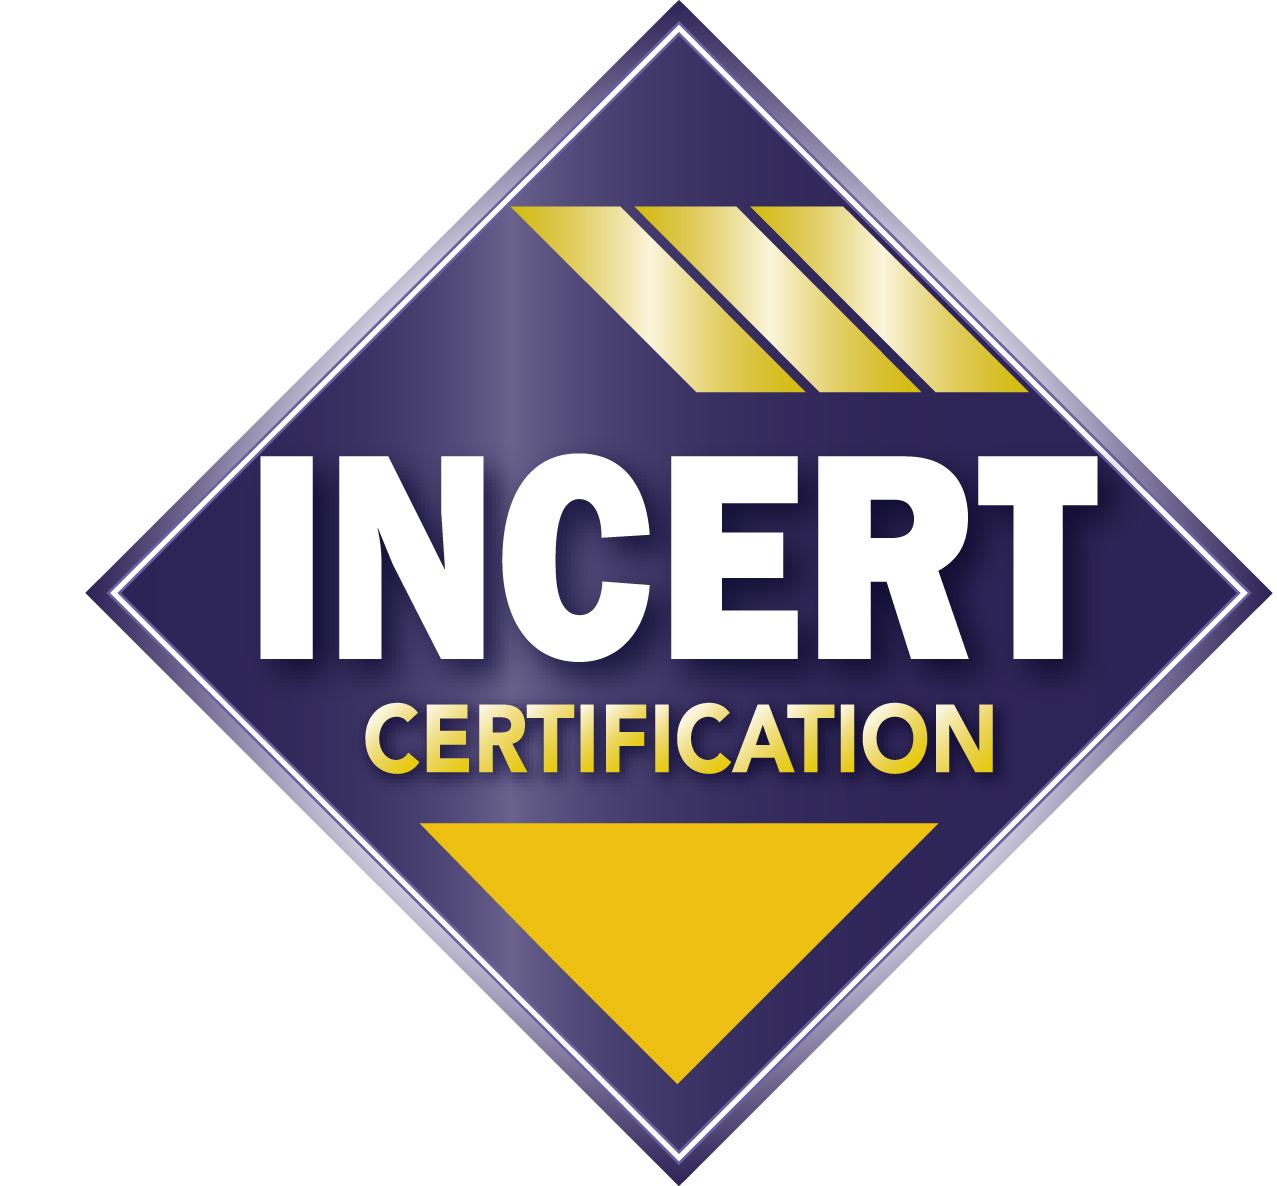 Le logo de certification INCERT